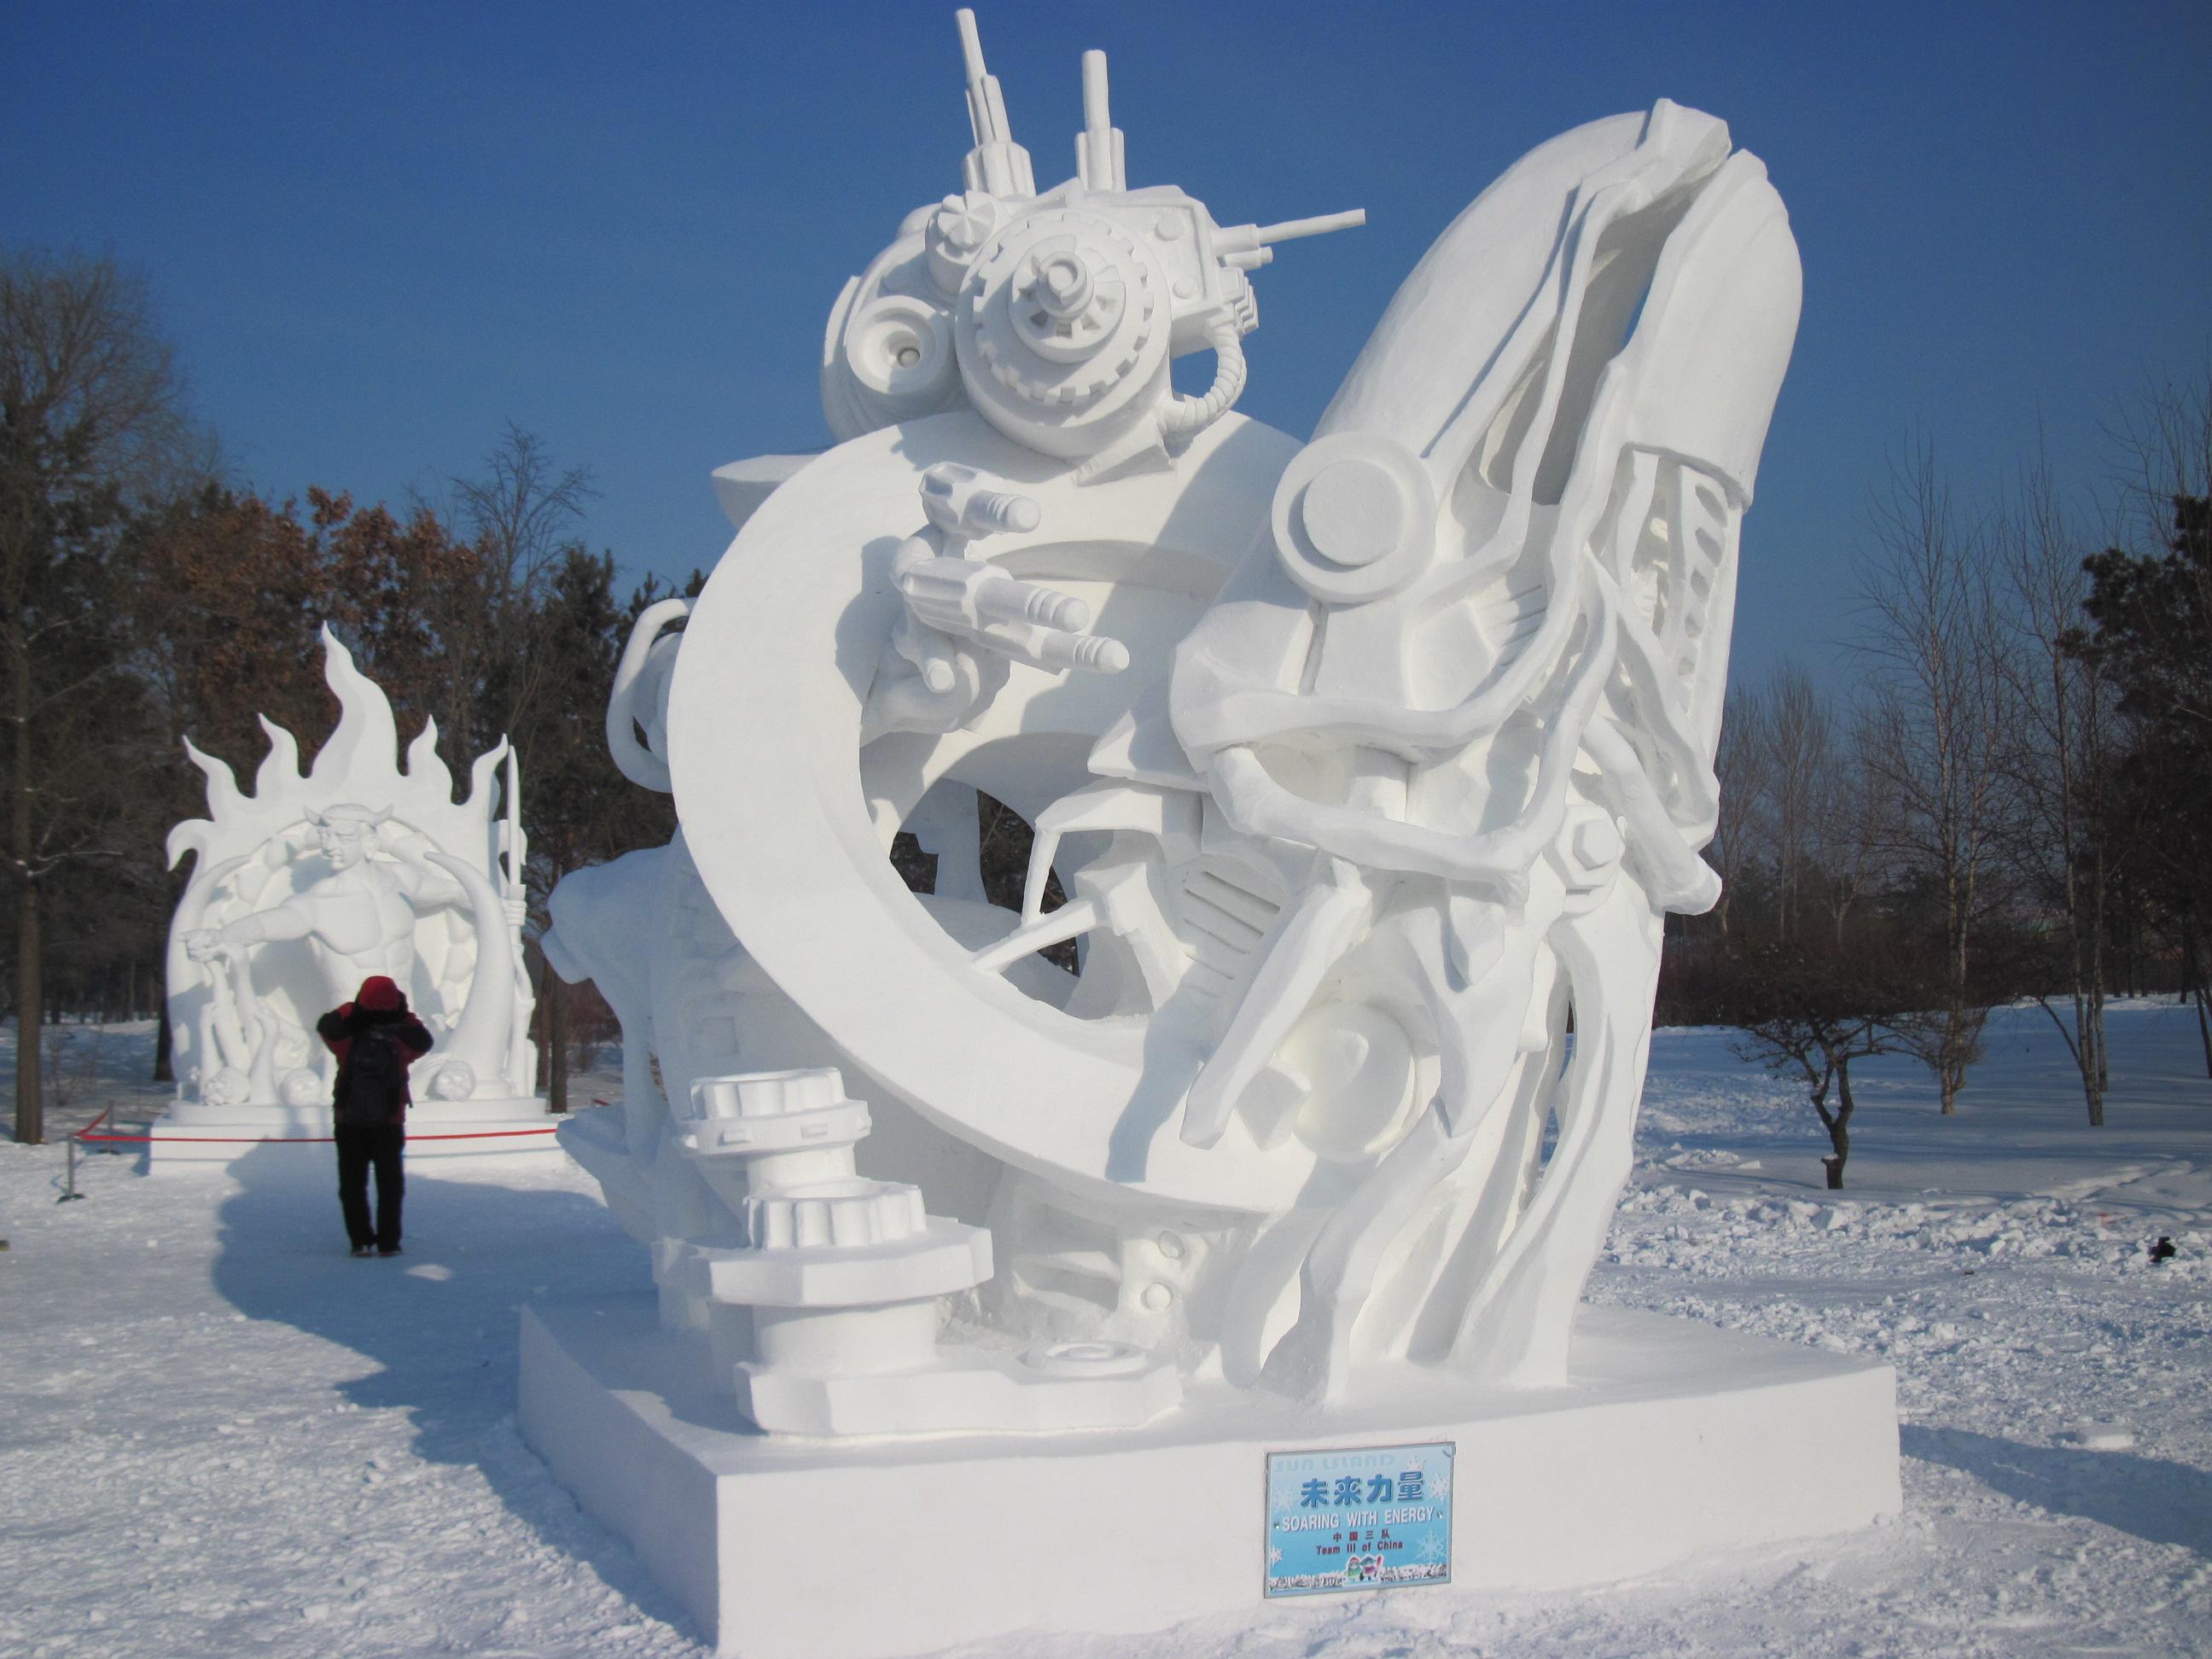 雪雕冰雪艺术